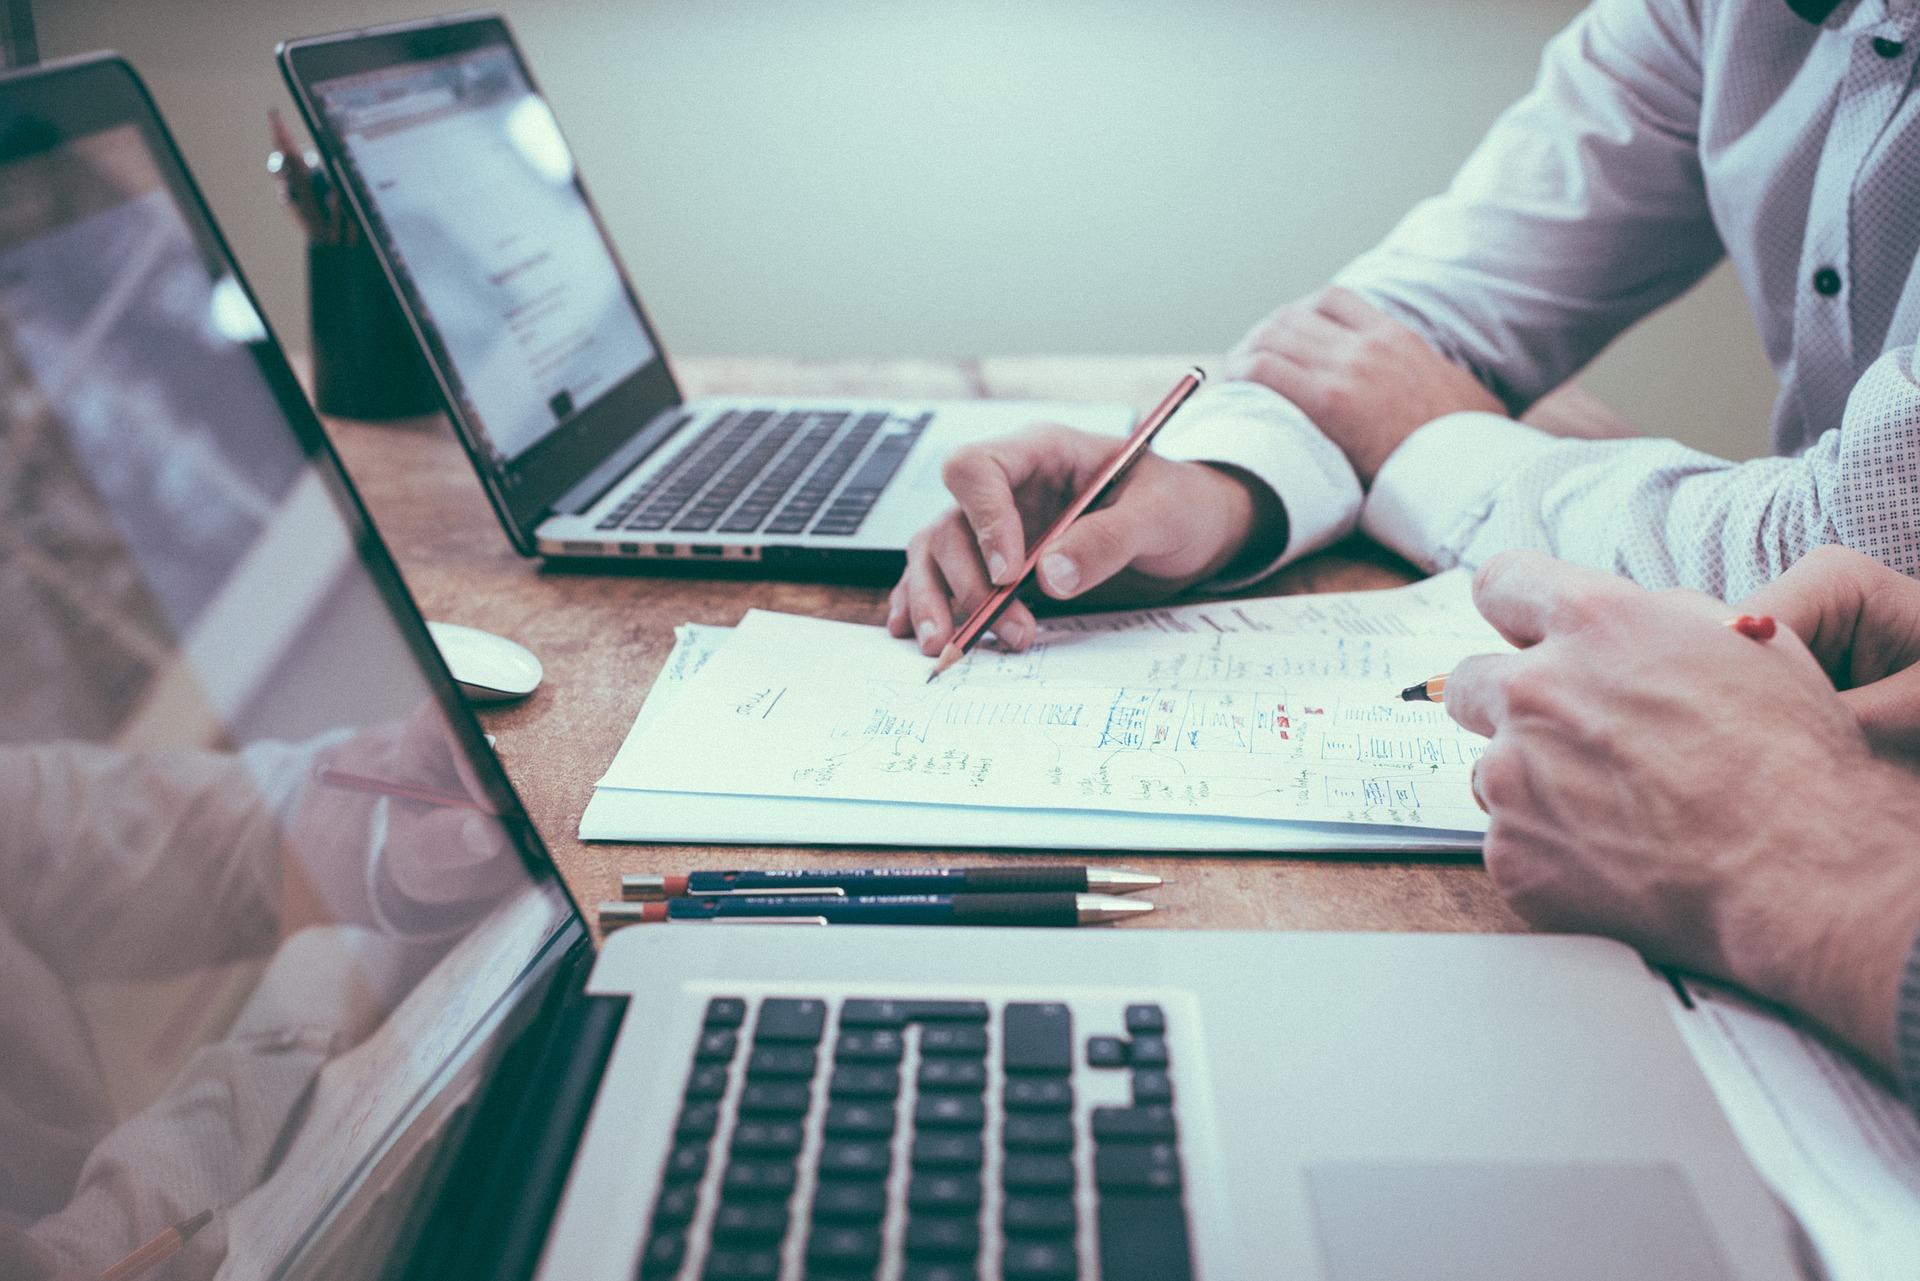 Dos personas trabajando con dos ordenadores y un papel